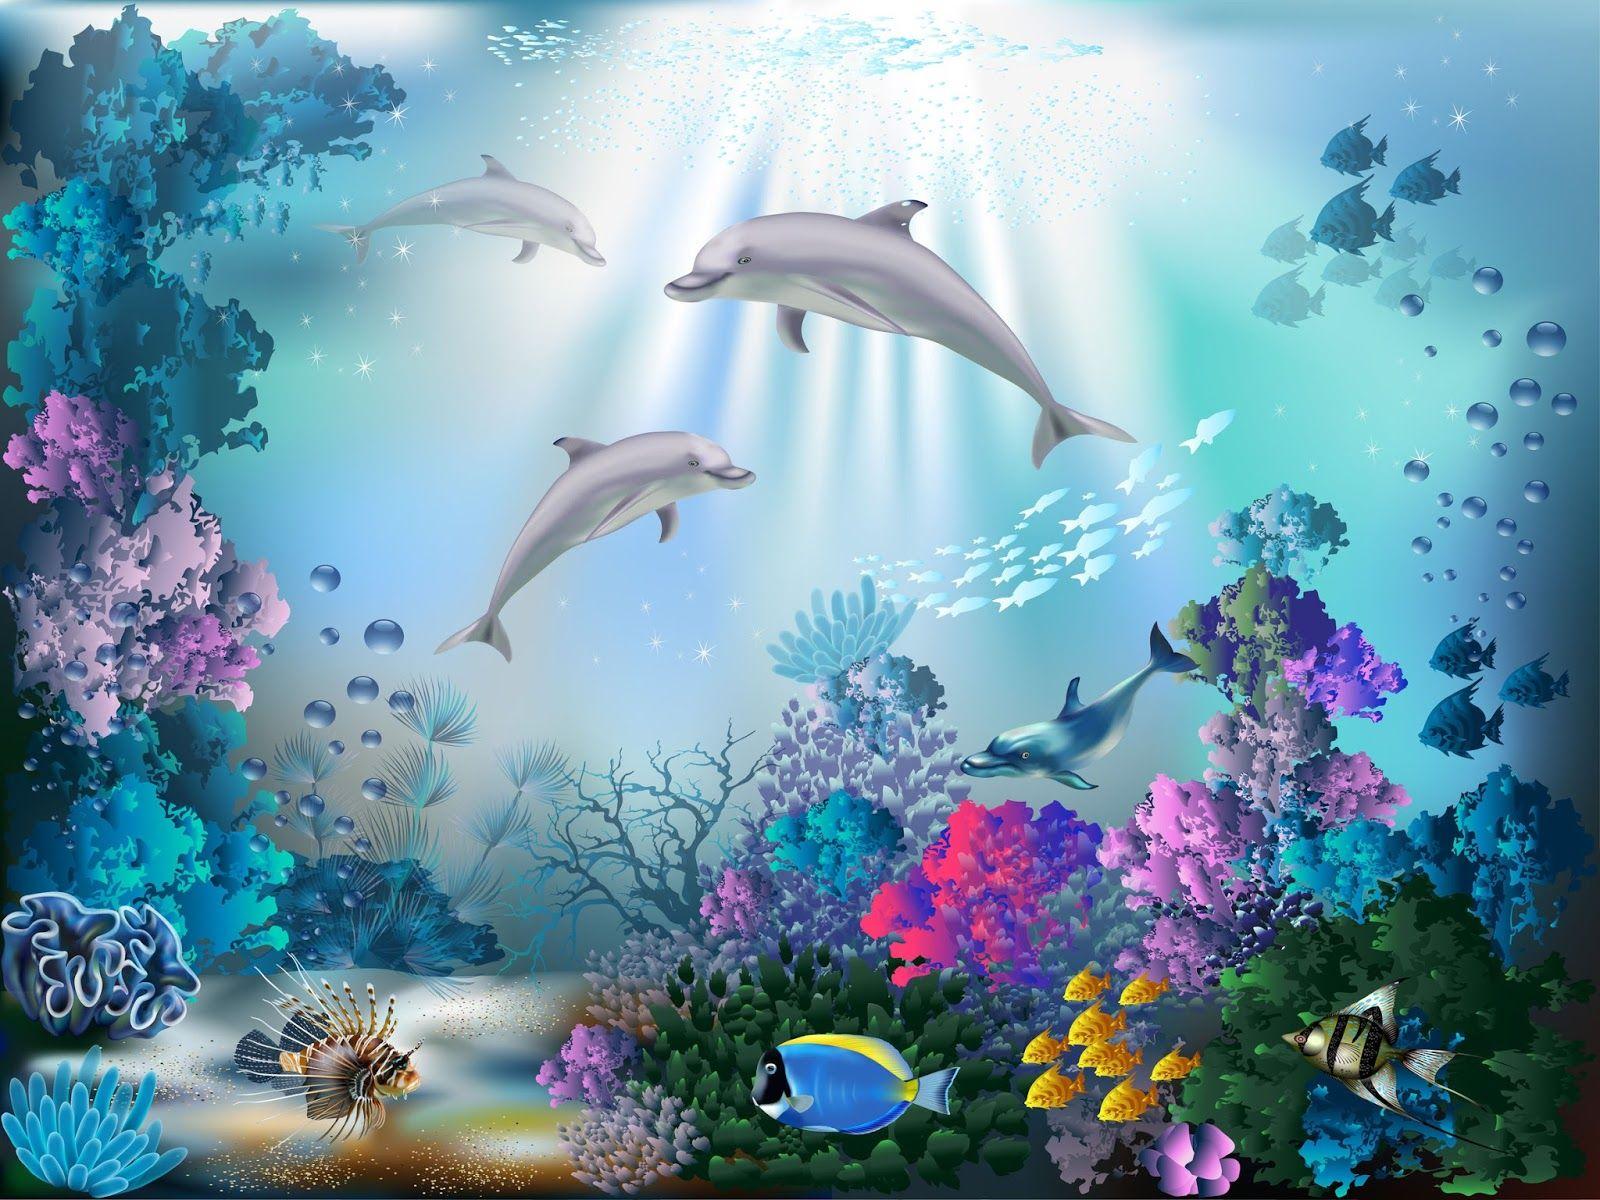 fondo+marino+con+peces+de+colores+arrecifes+corales+y+delfines.jpg ...